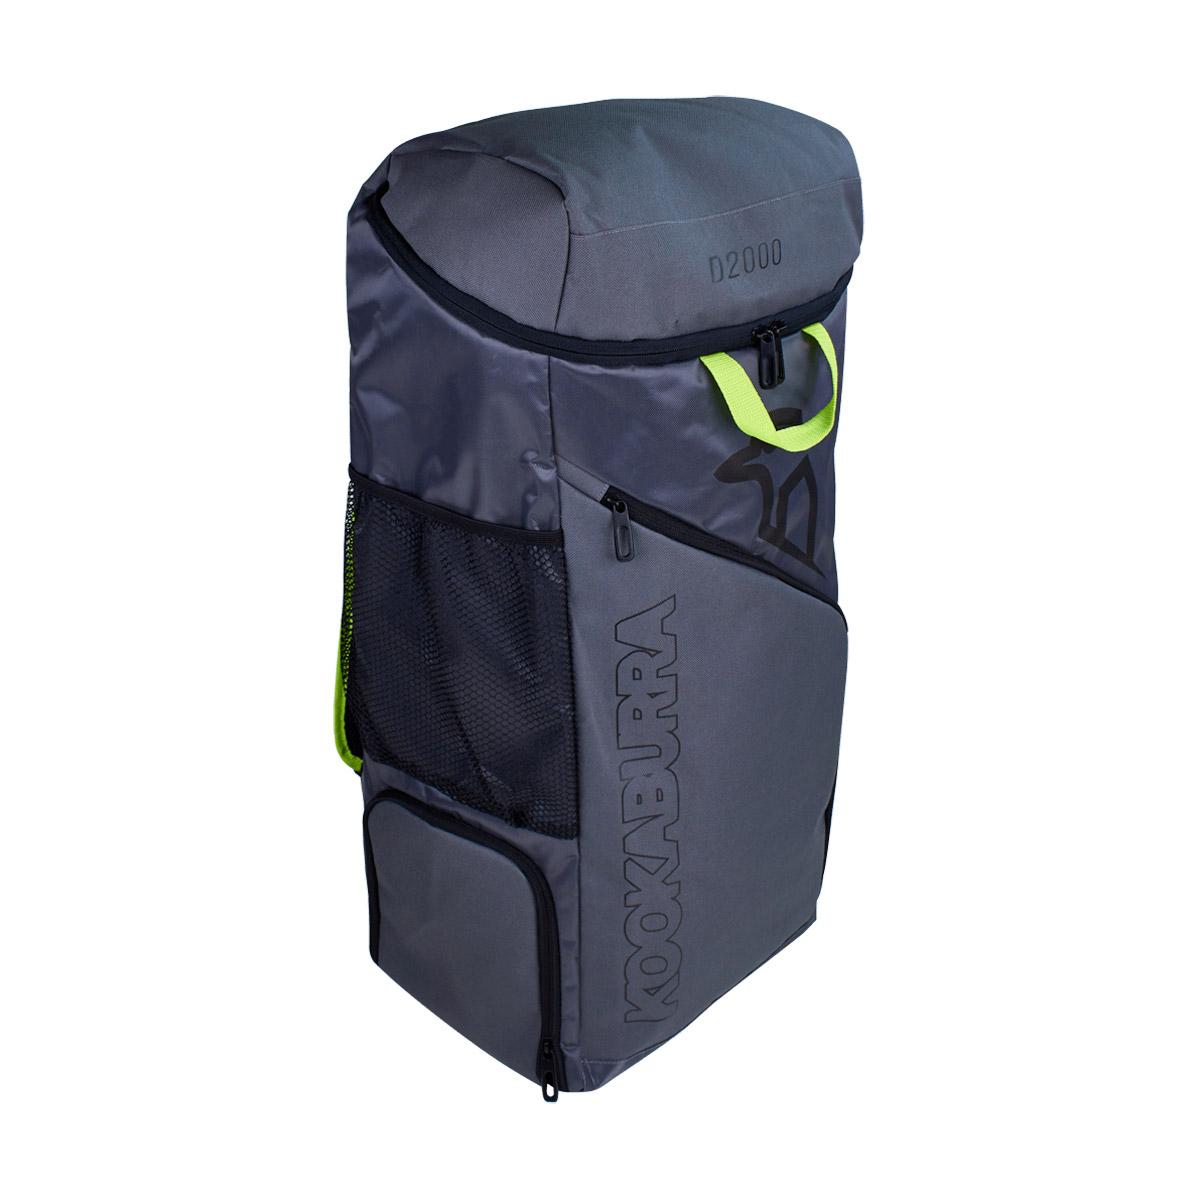 Kookaburra D2000 Duffle Cricket Bag - Grey